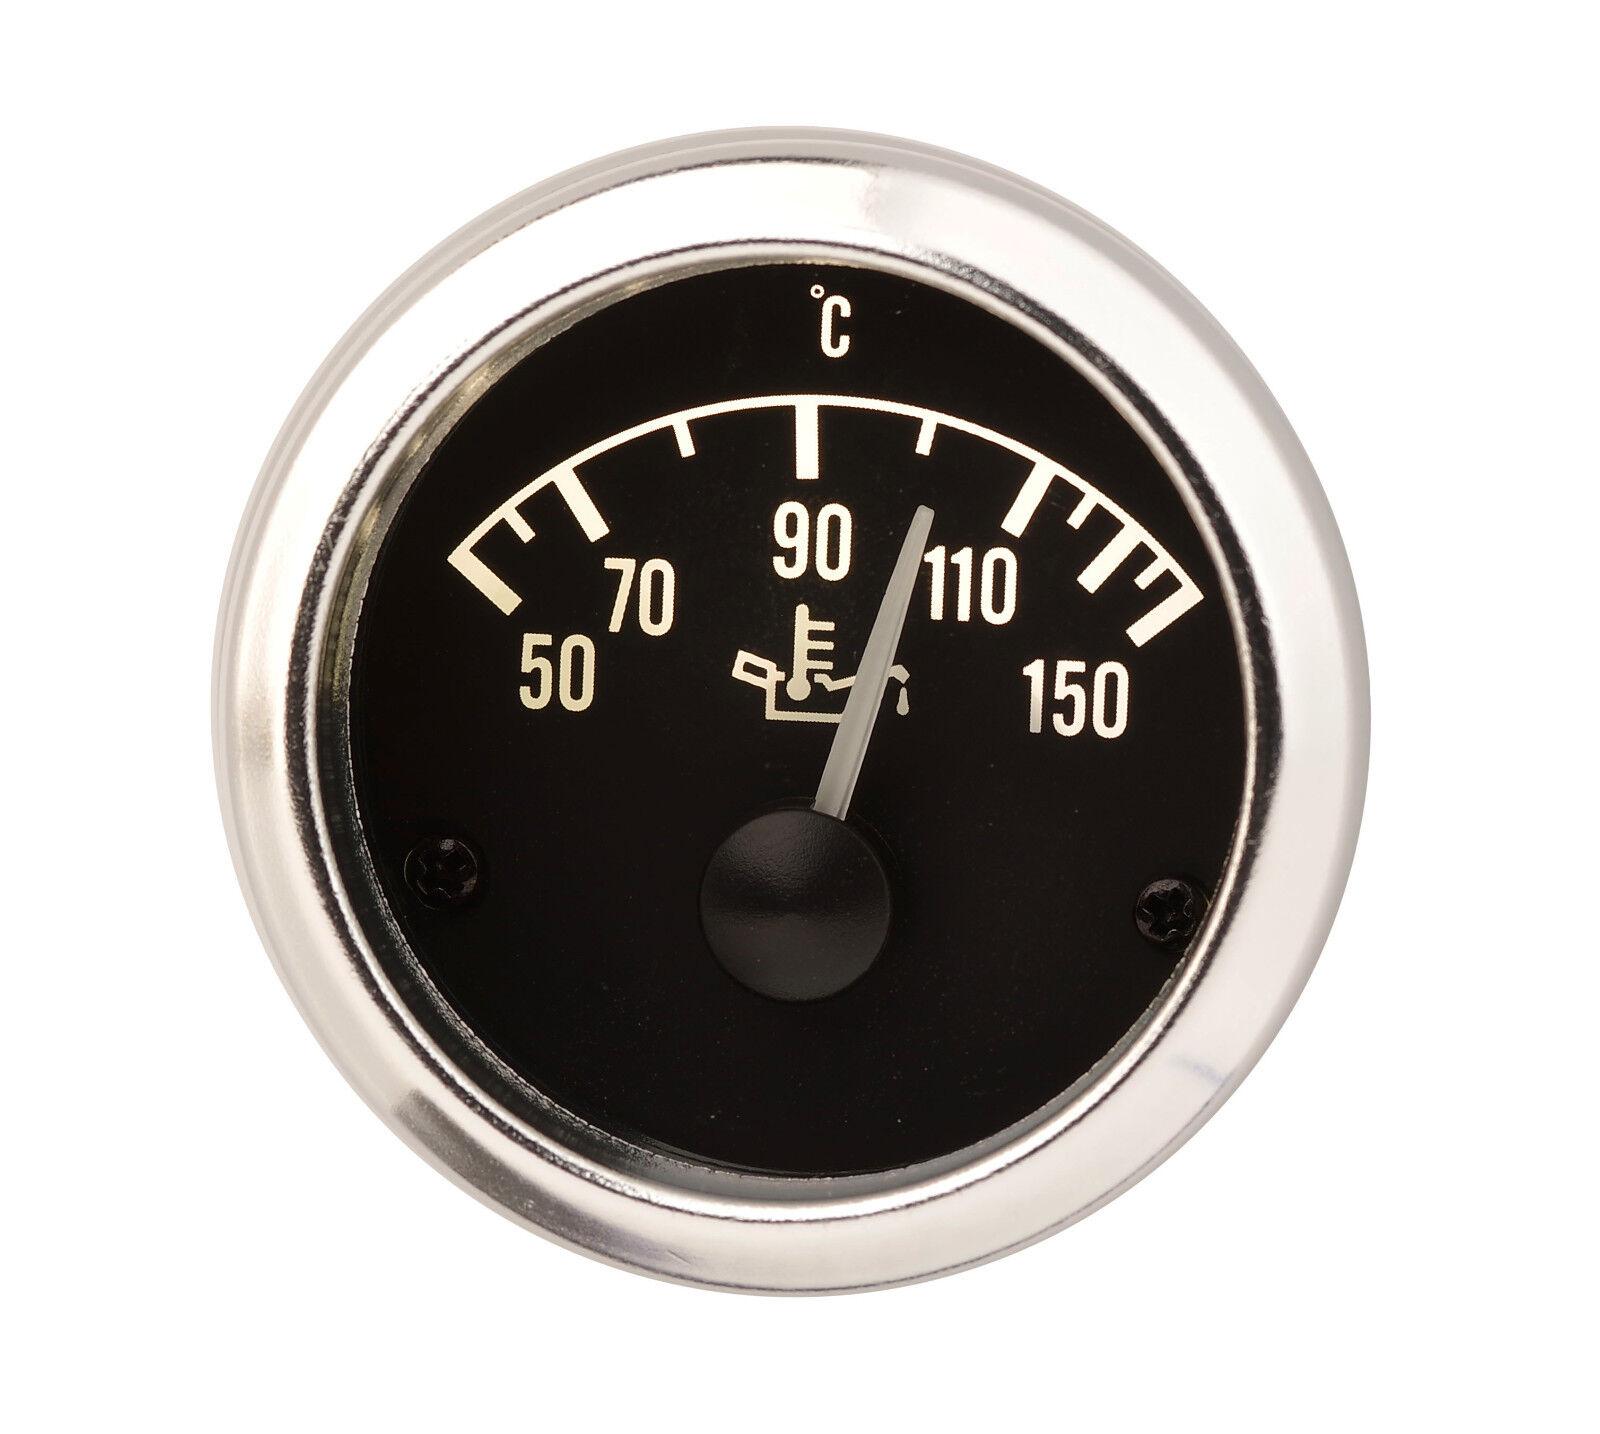 ATIWE Zusatz Instrument  Öltemperatur Anzeige Öltemperaturanzeige